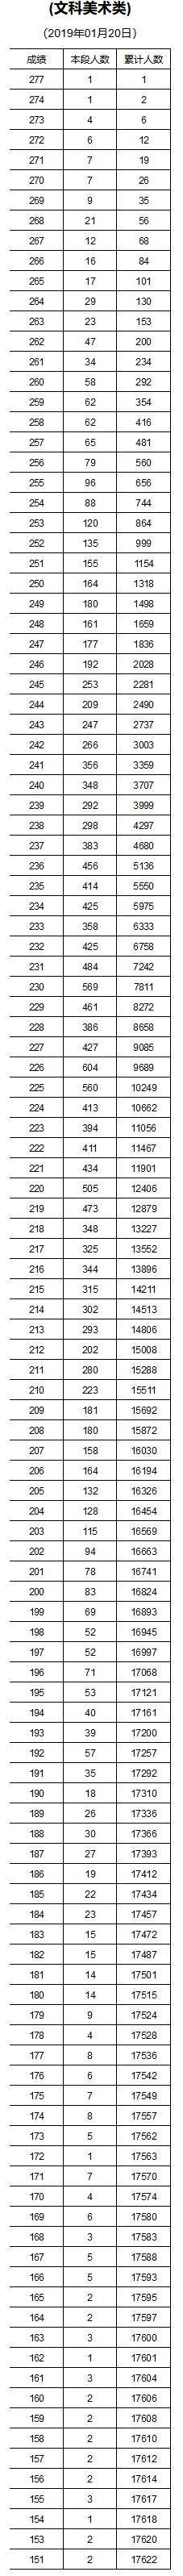 bf515c038043cab94d2affb8d5f2643.png